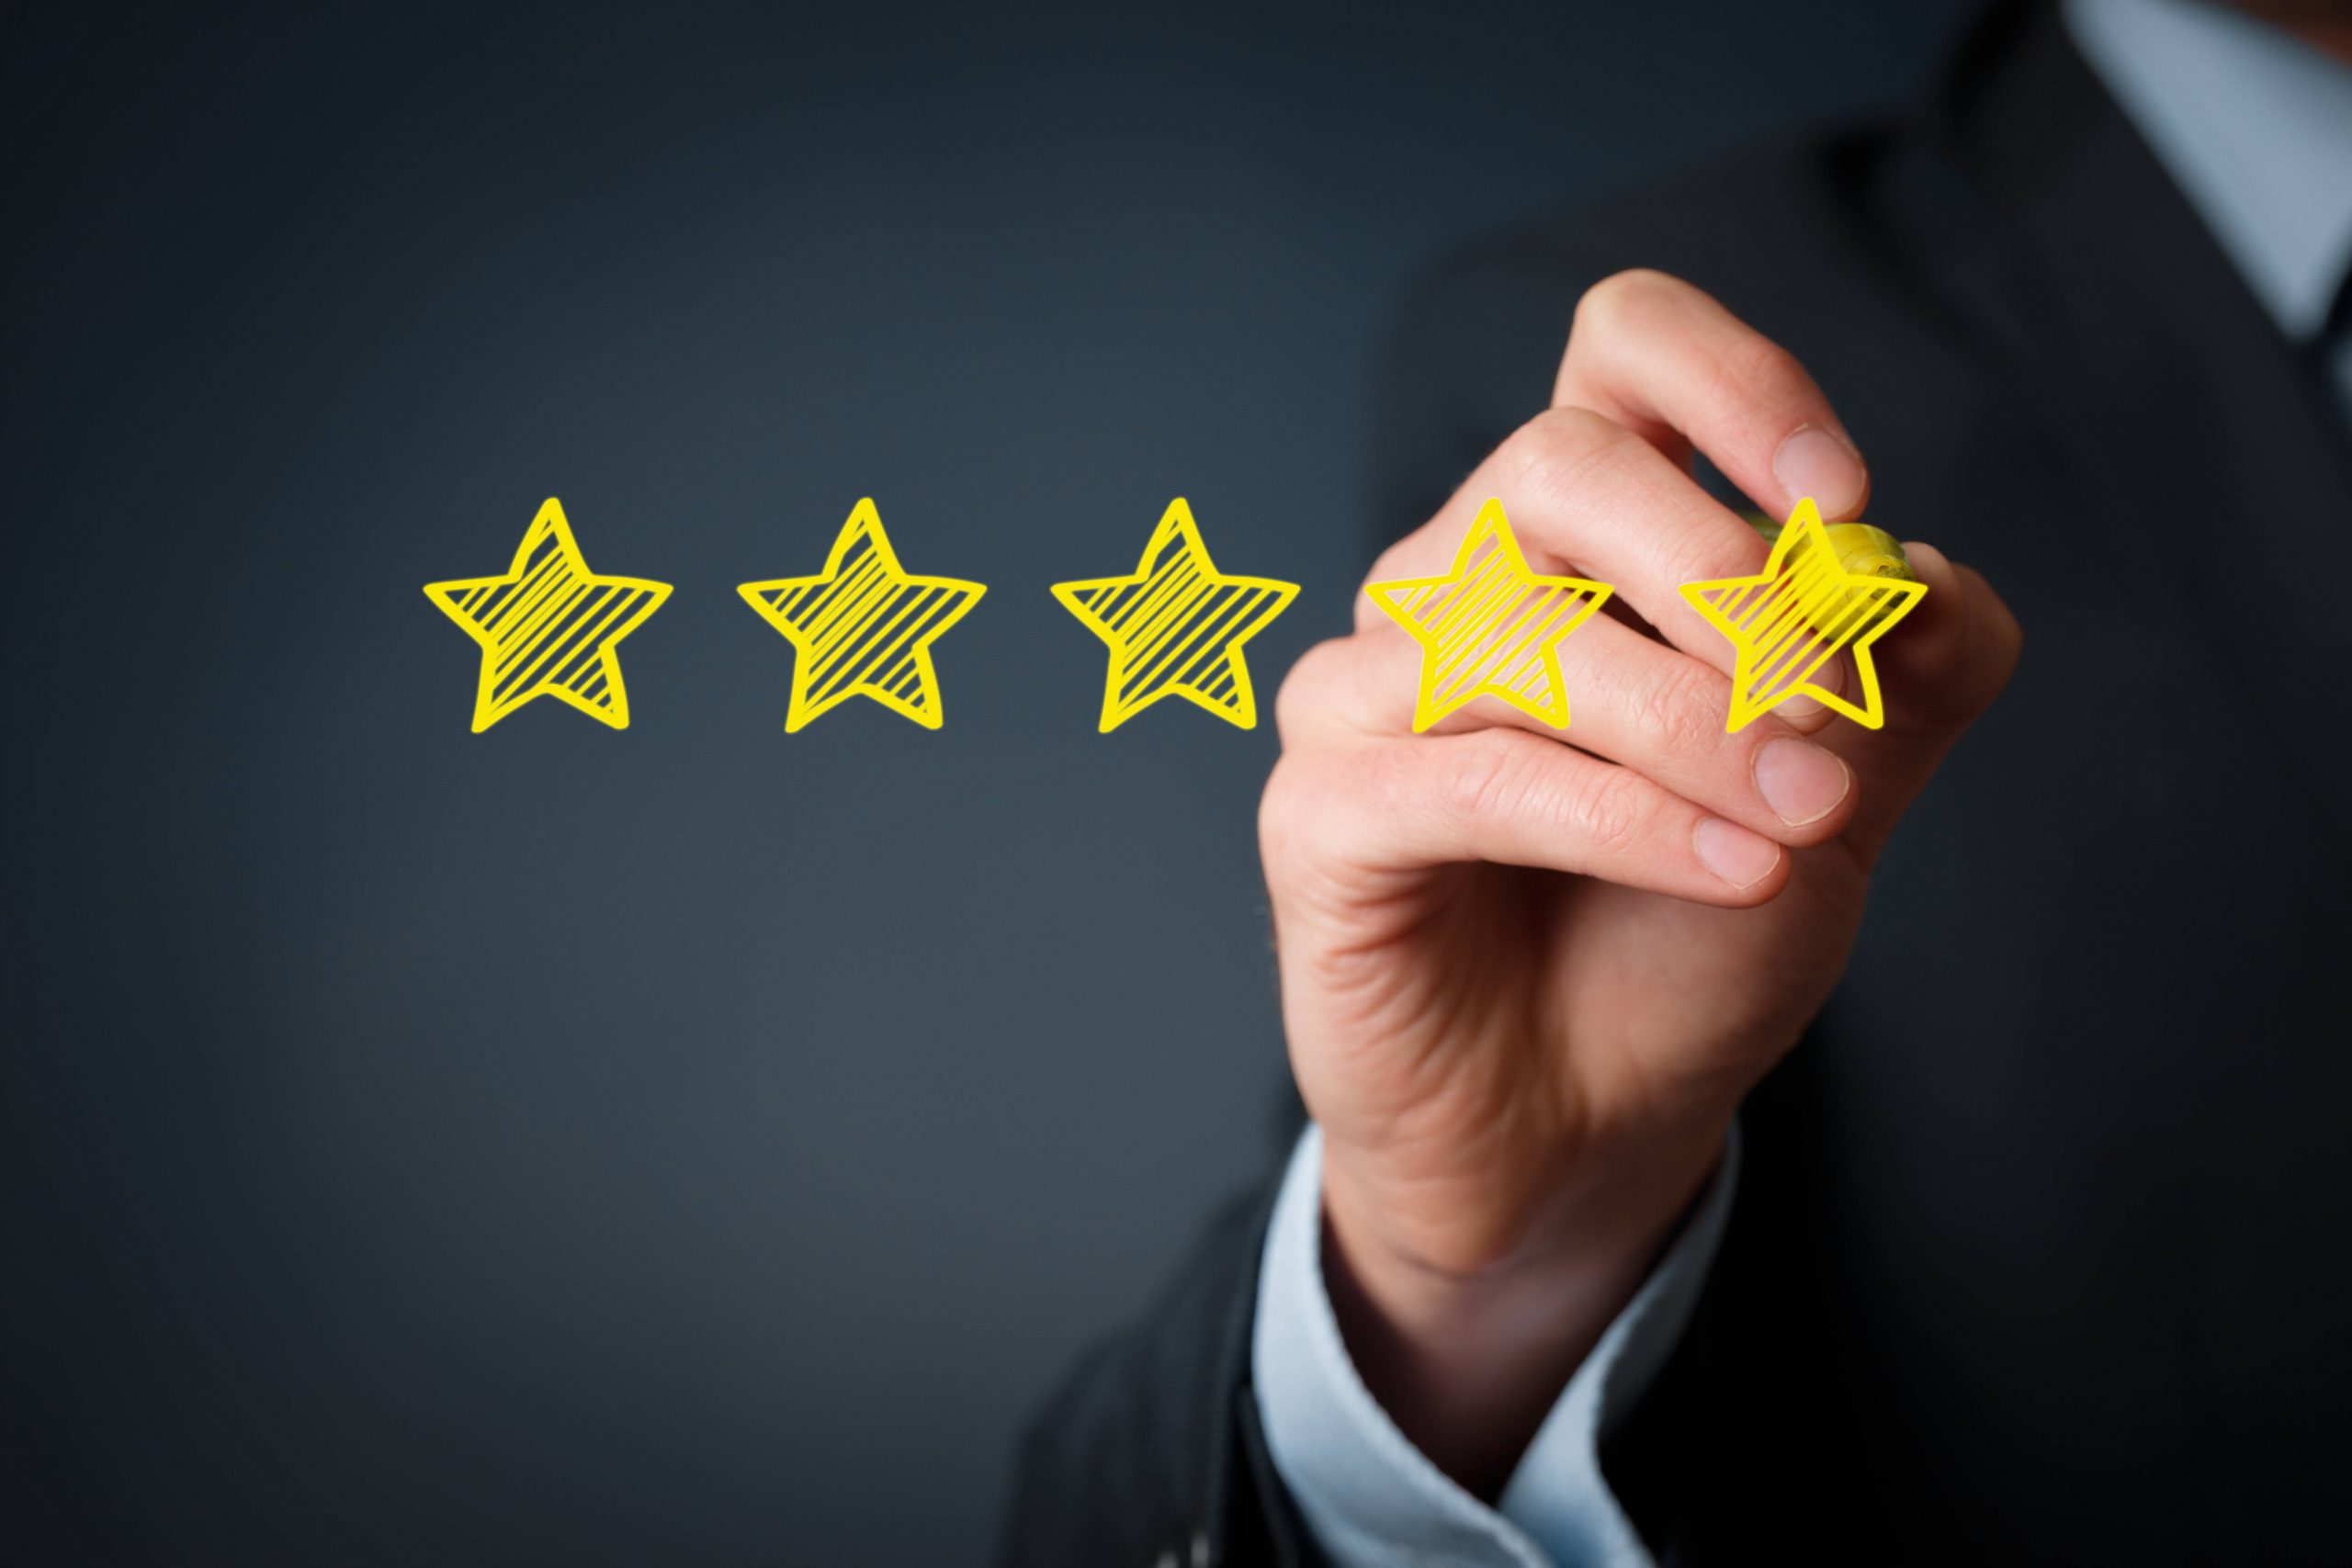 Control de calidad en el trabajo, una manera de apostar por el crecimiento y la mejora de nuestros productos y servicios